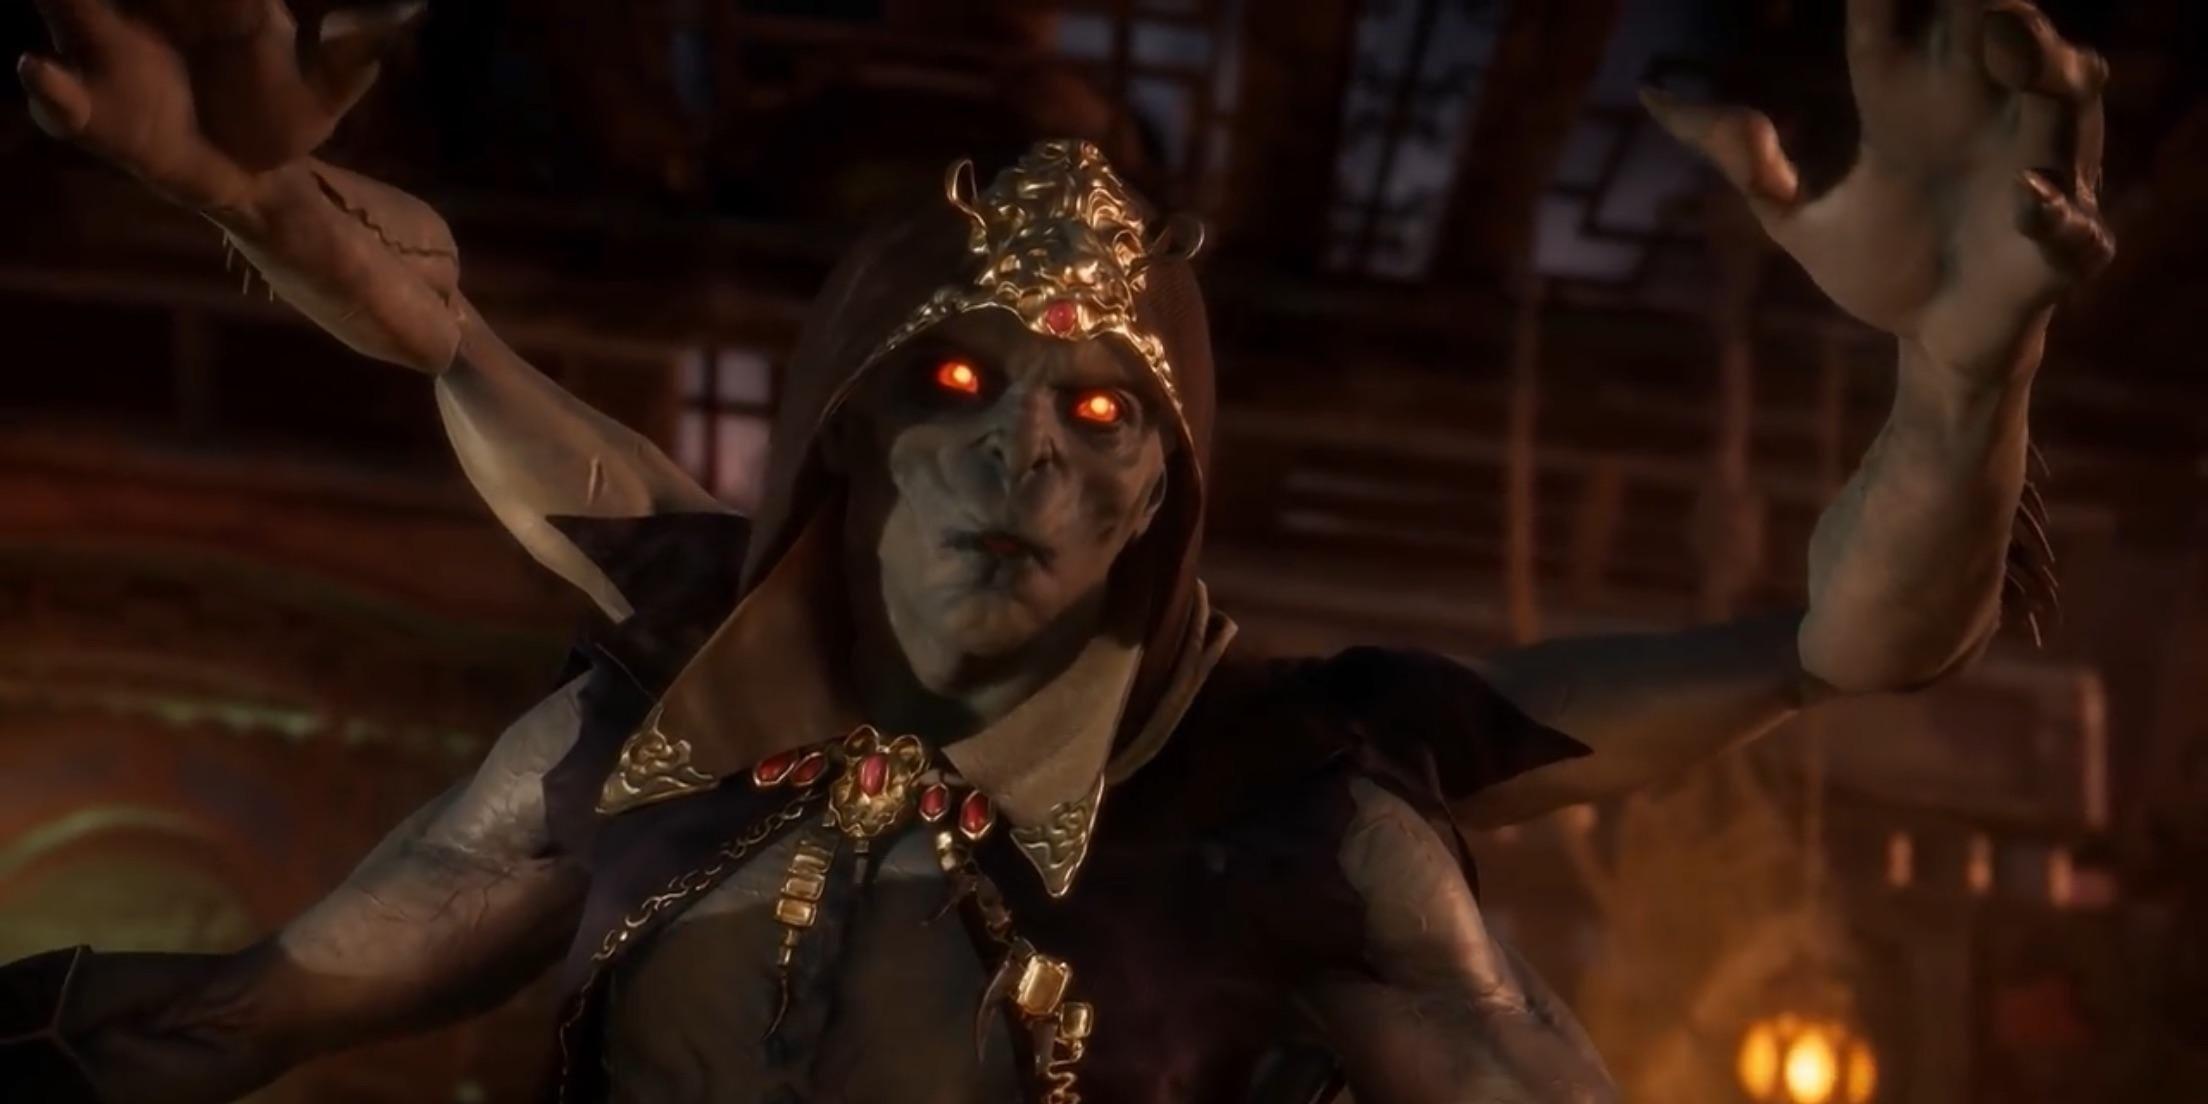 10 Coisas loucas que você não sabia sobre os personagens principais de Mortal Kombat 11 7